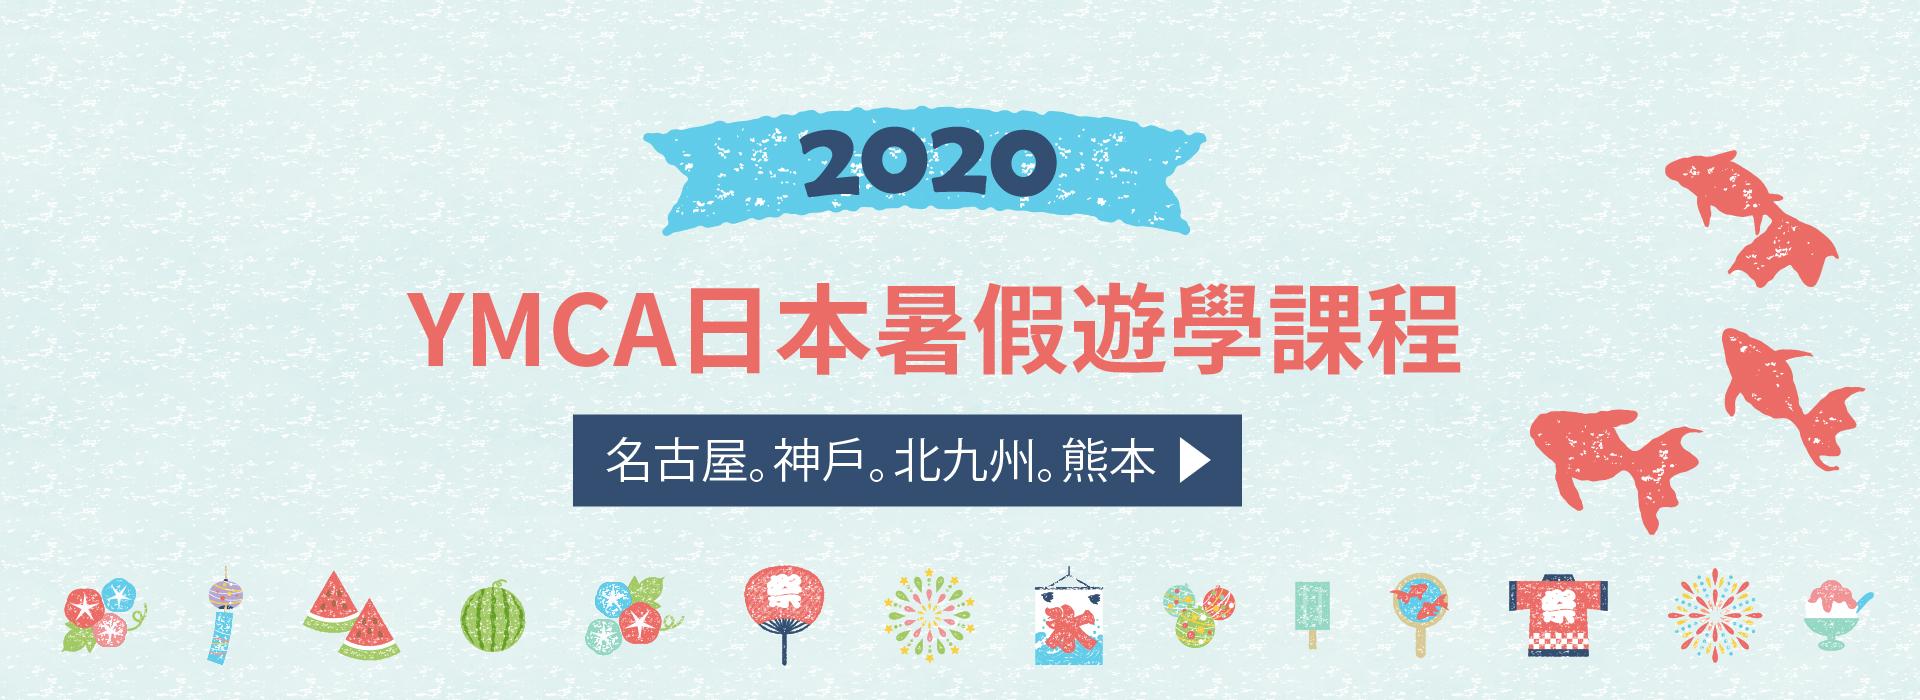 2020年YMCA日本遊學說明會  日本遊學  日本語言學校 日本留學代辦推薦 短期留學體驗 自助遊學 寒假留學生